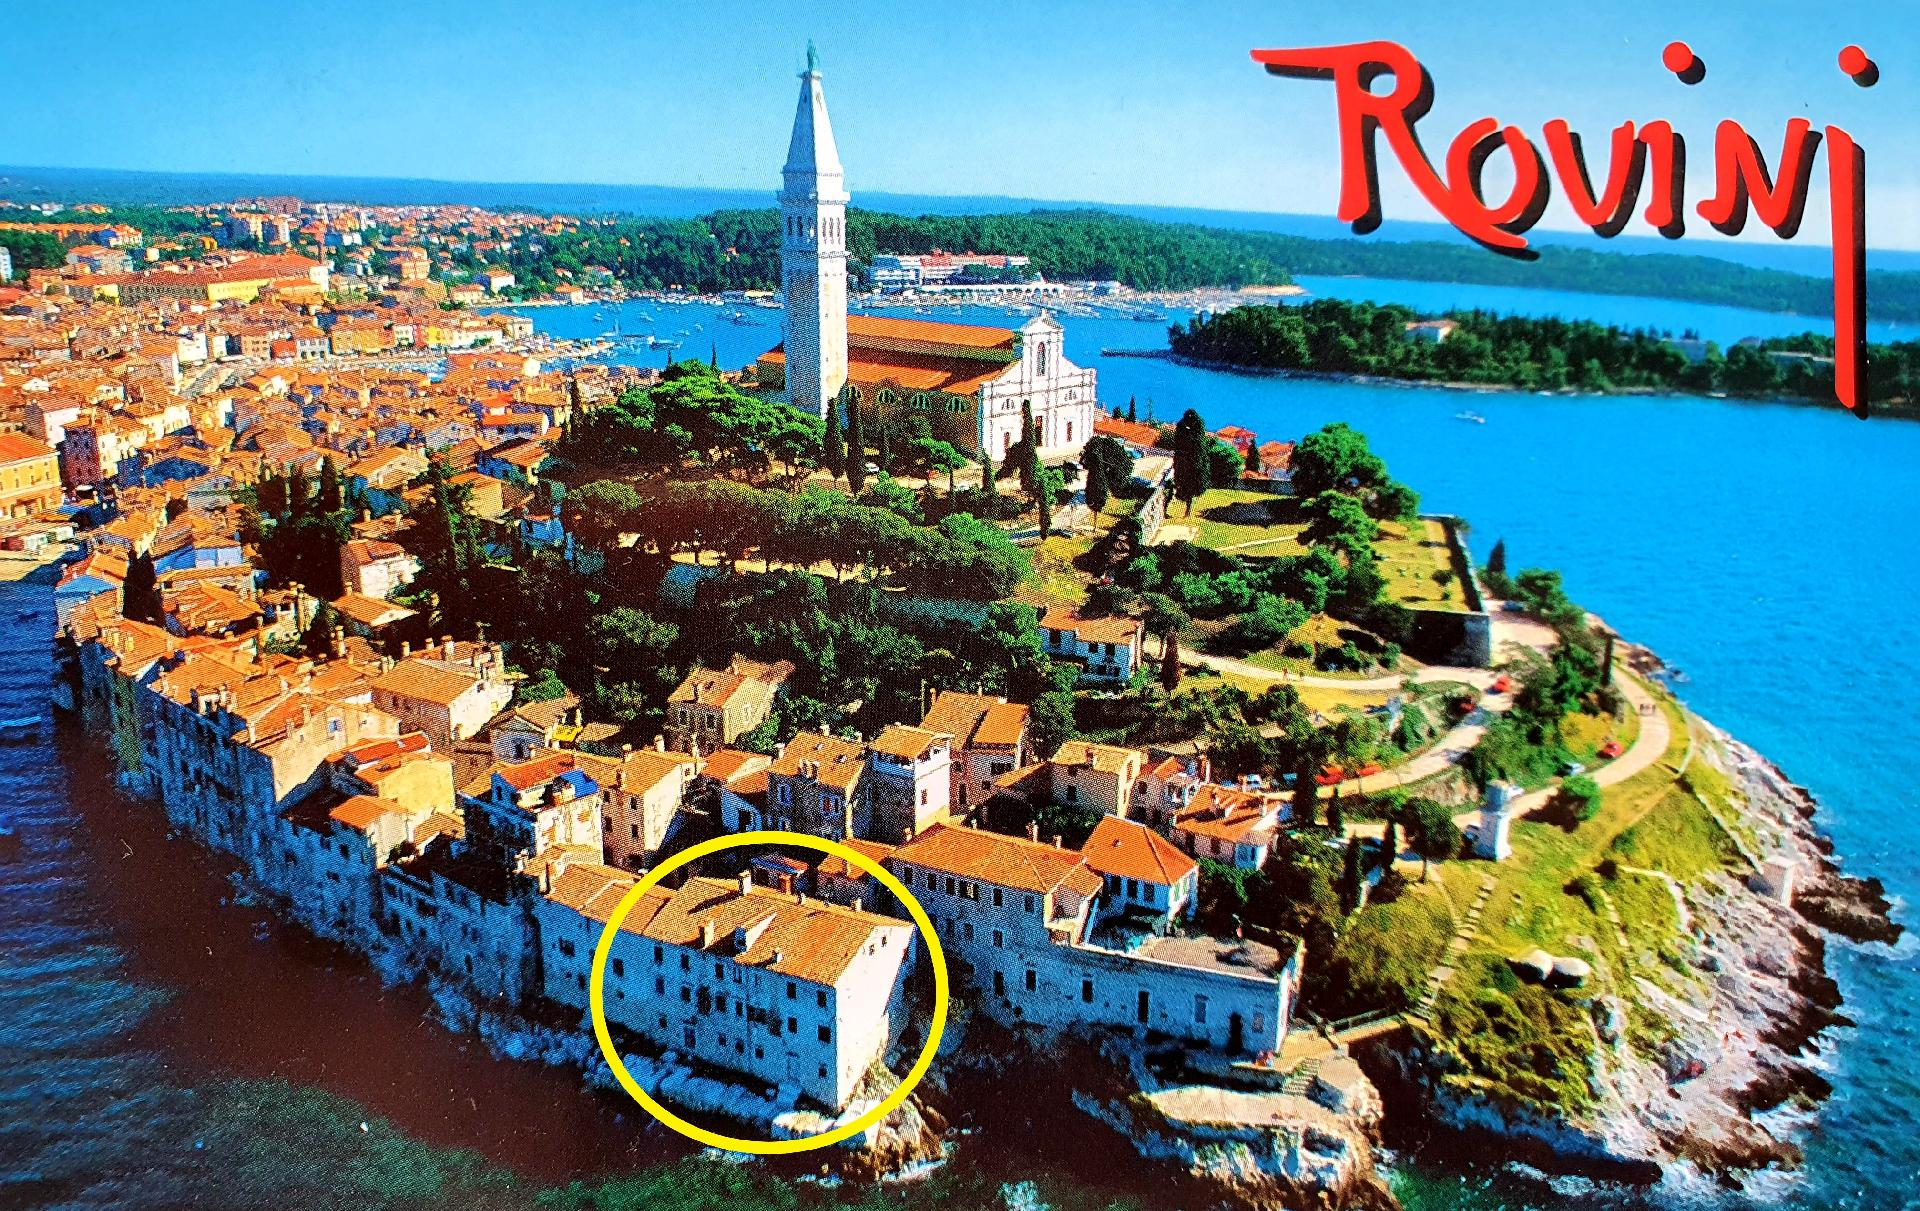 FEWO 2 in ROVINJ direkt am Meer  in Kroatien